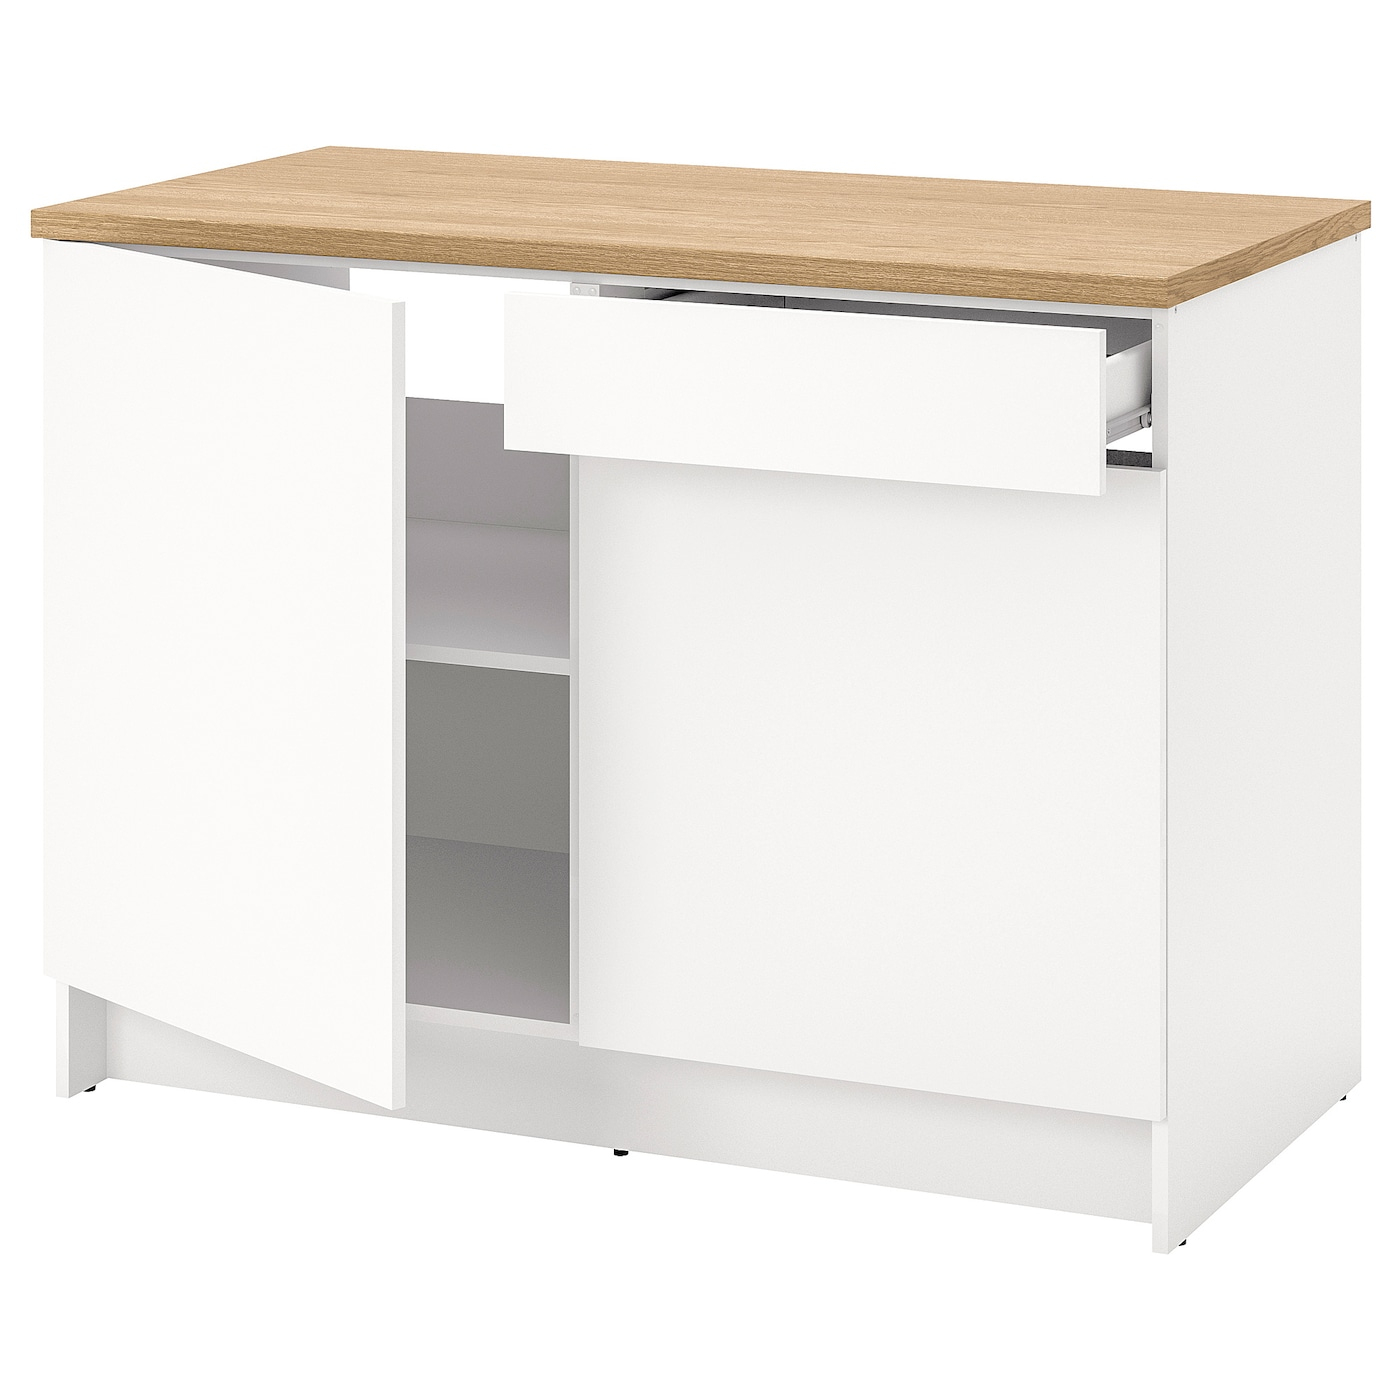 Knoxhult Élément Bas Avec Portes Et Tiroir - Blanc 120 Cm intérieur Meuble Bas Cuisine 50 Cm Largeur Ikea